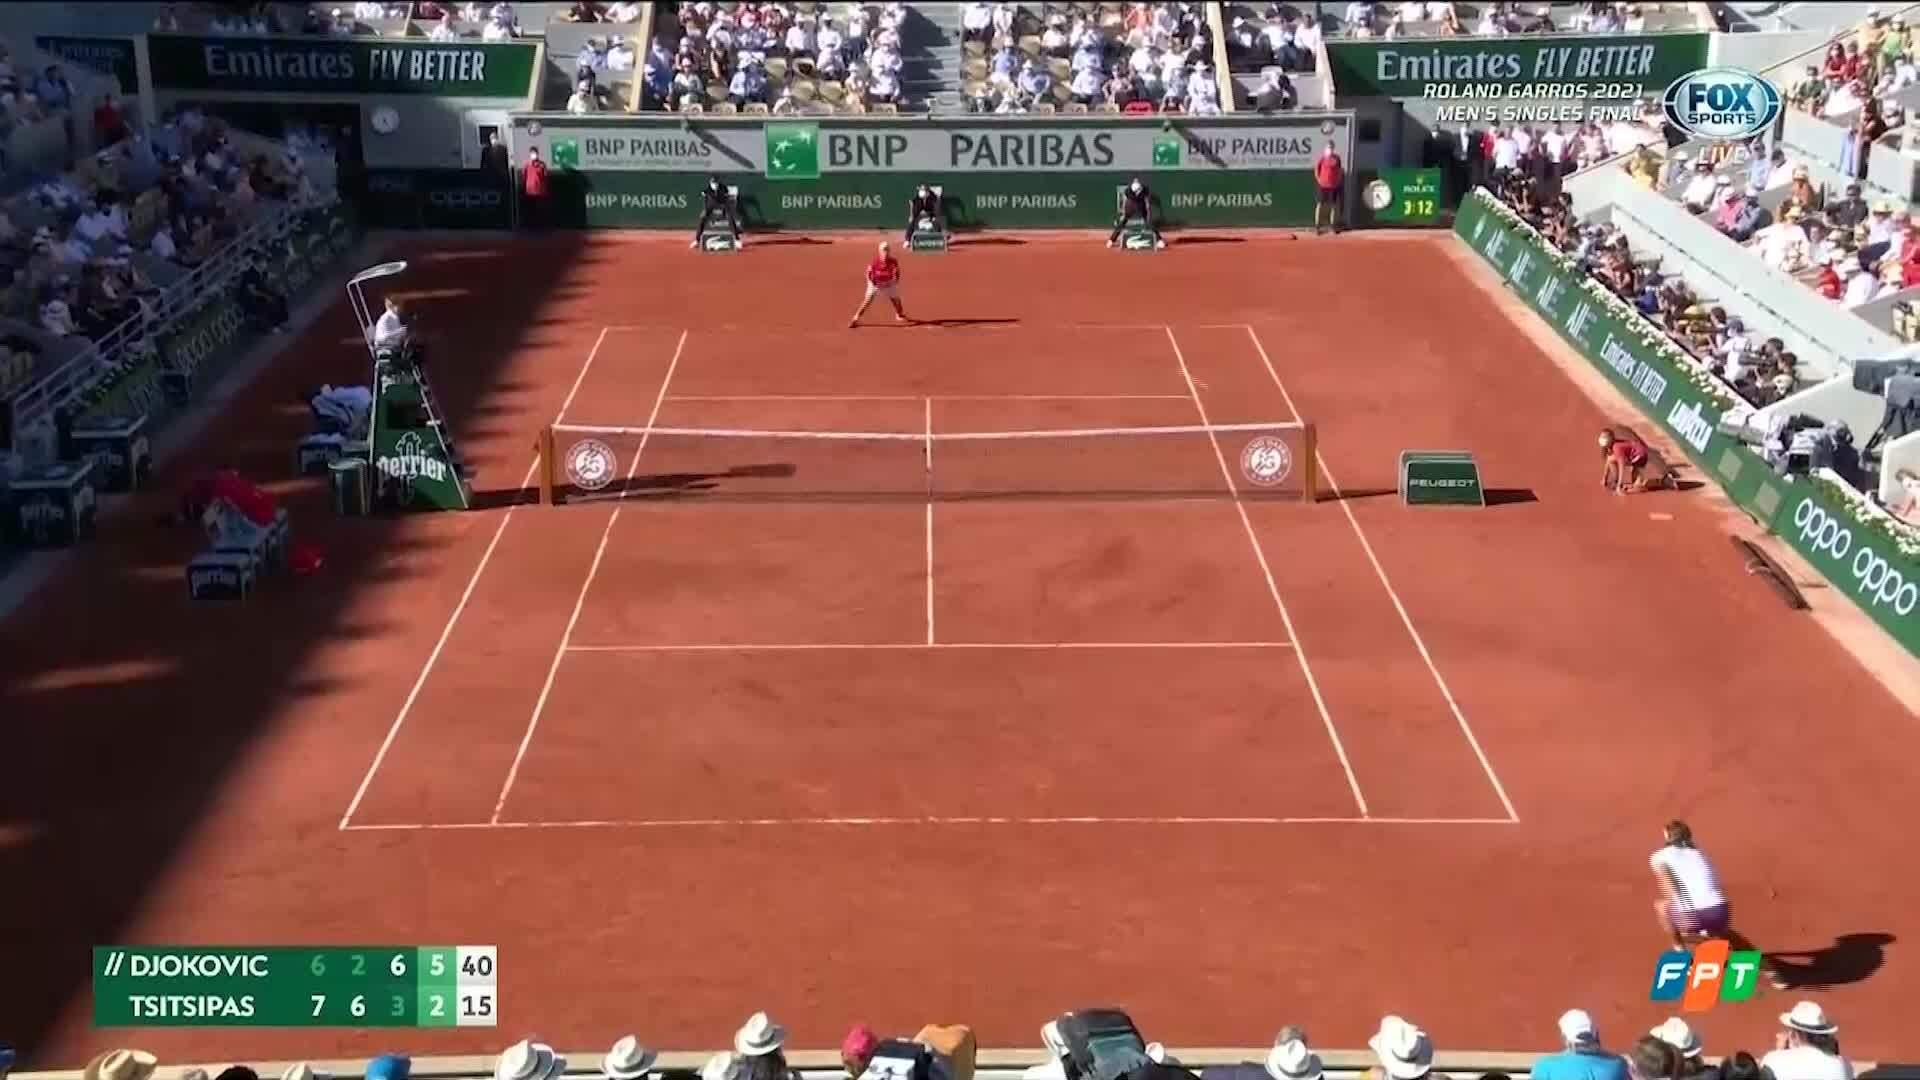 Djokovic thắng set bốn 6-2